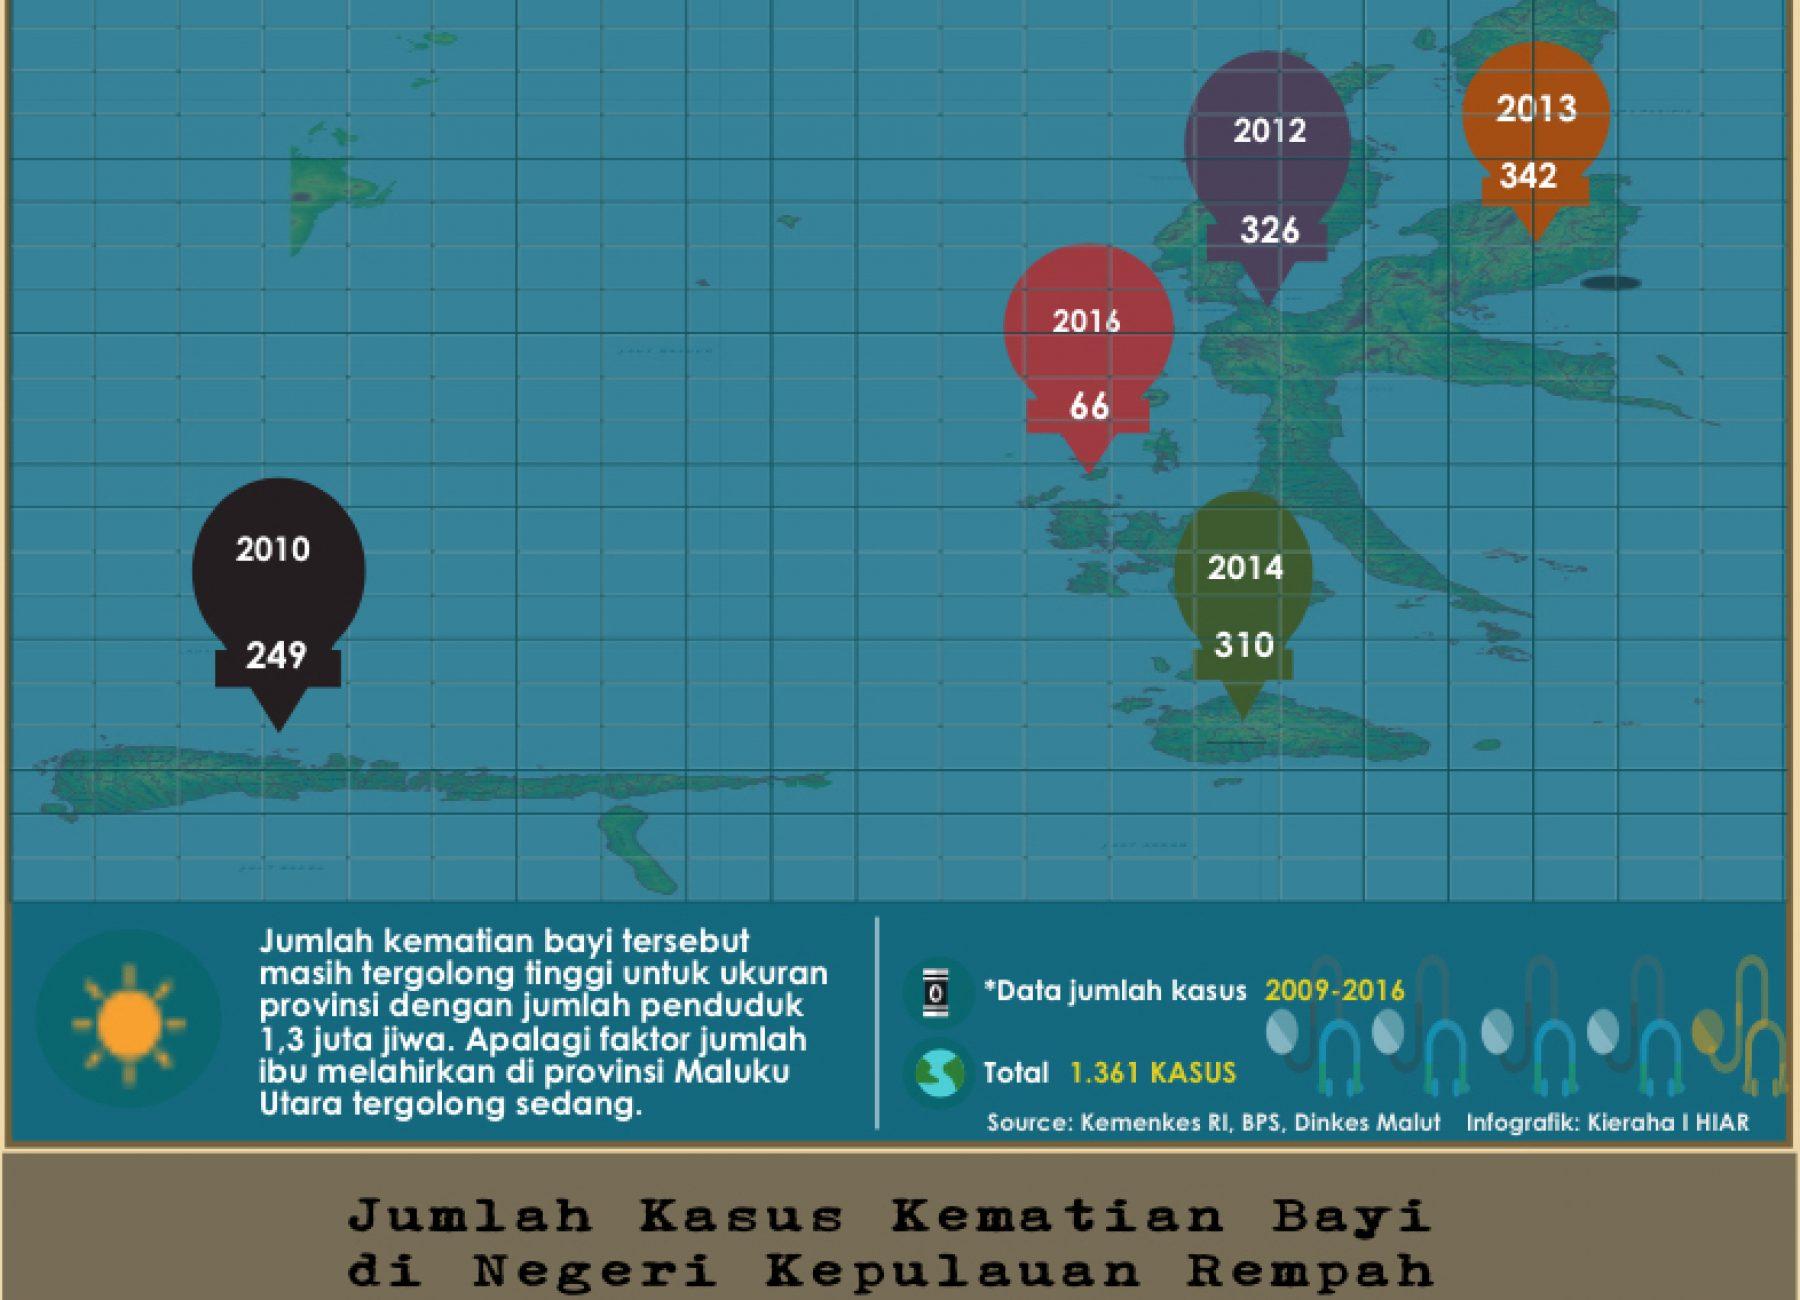 Infografik. (Kieraha.com/Hairil Hiar)